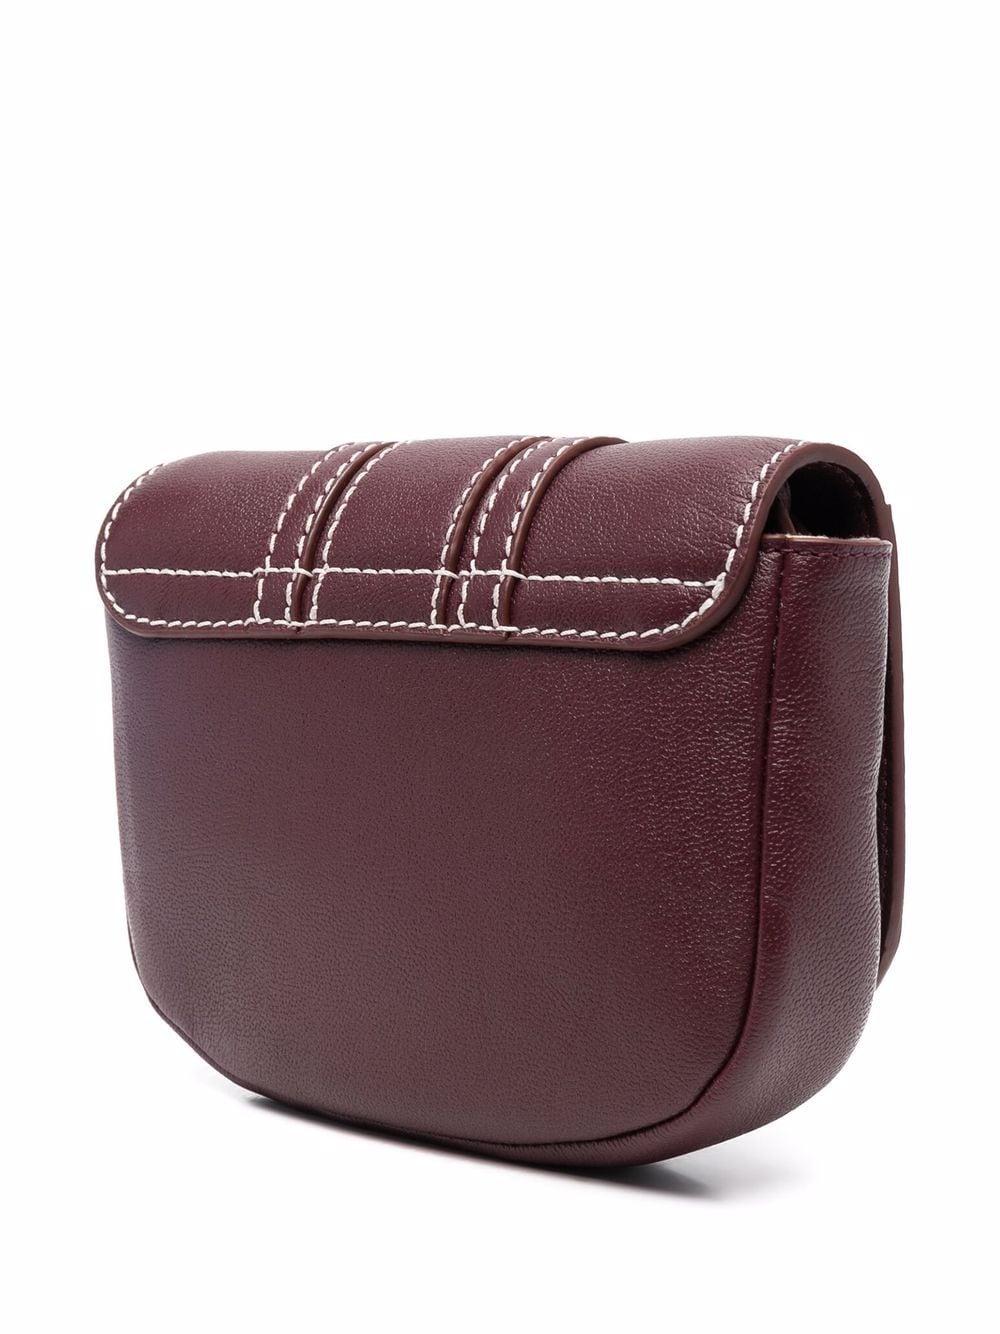 Hana Shoulder Bag MINI